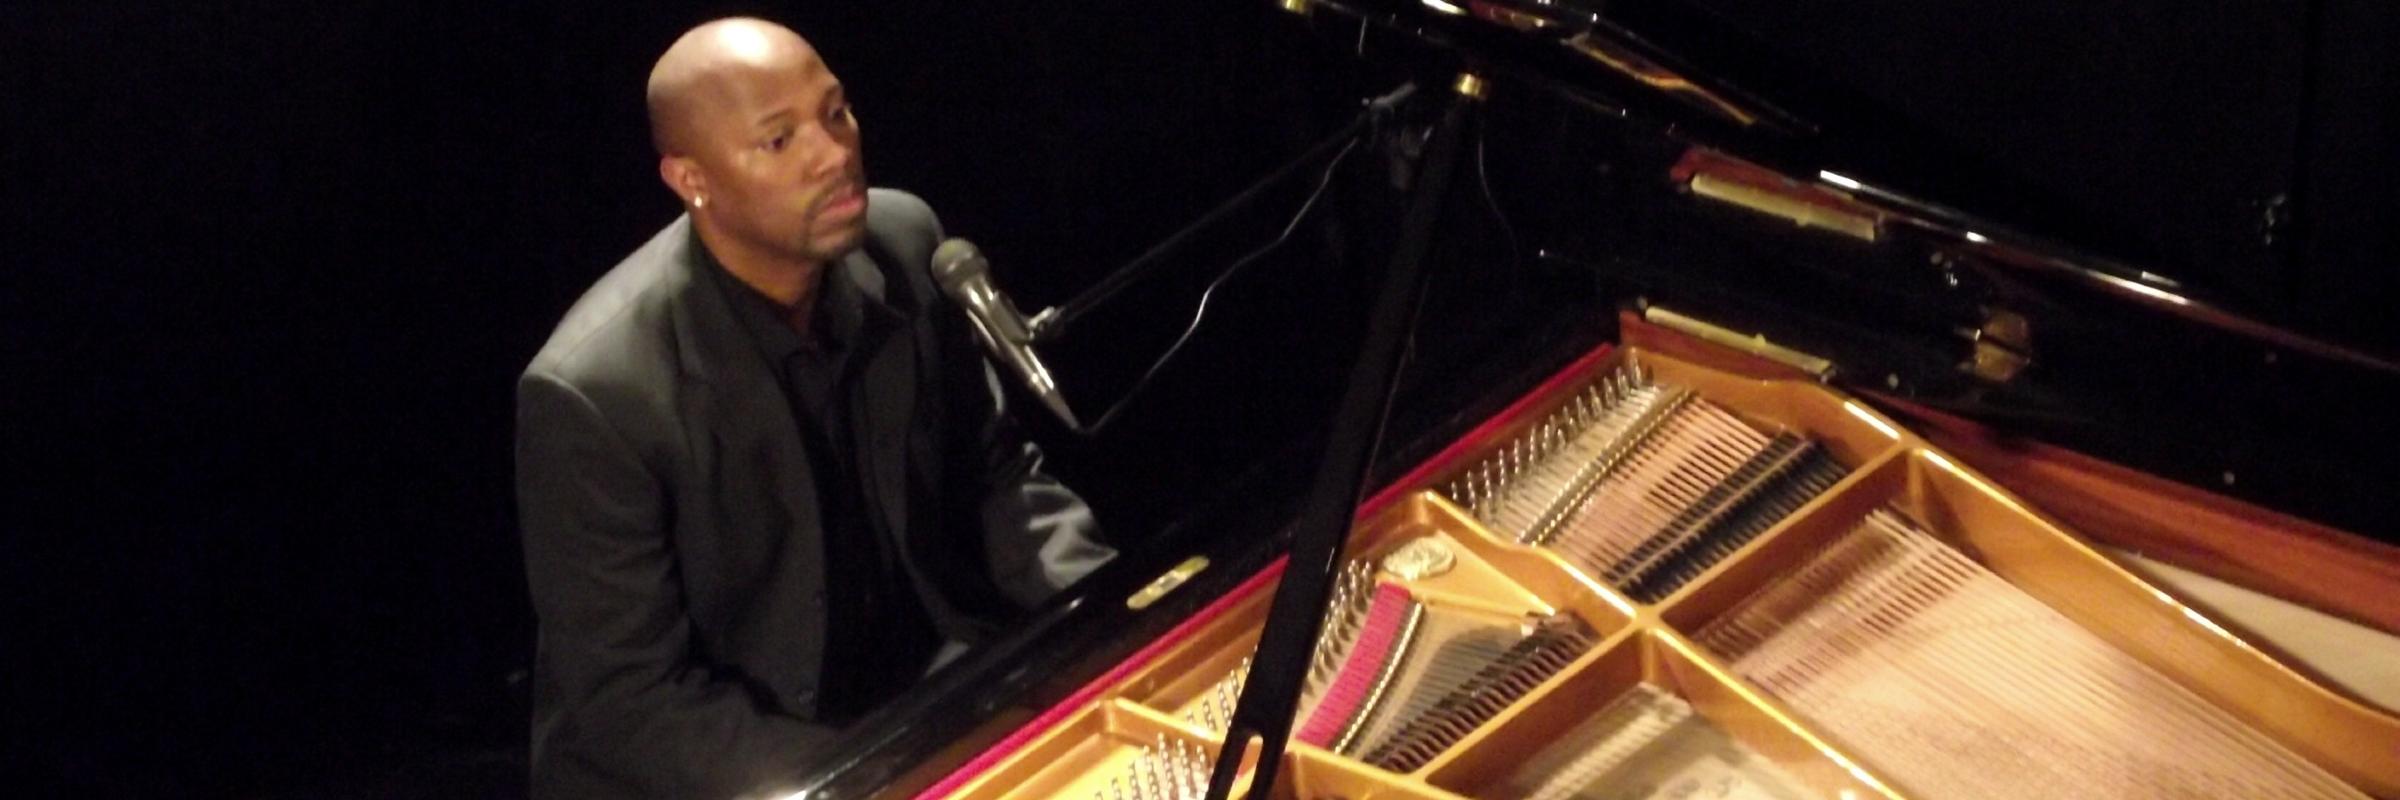 Yossi zik, musicien Chanteur en représentation à Seine Maritime - photo de couverture